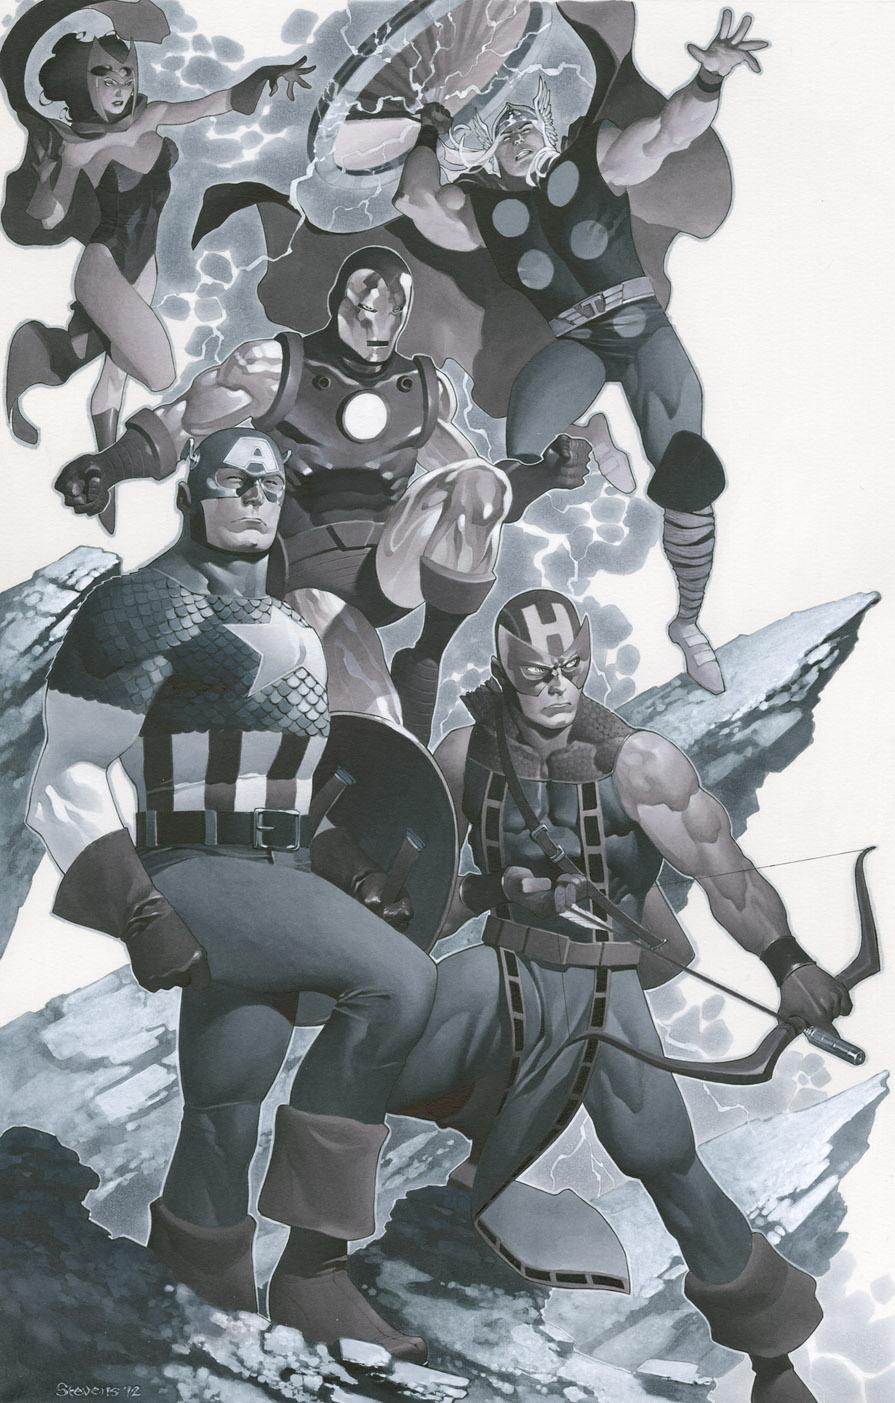 The Avengers by ChristopherStevens